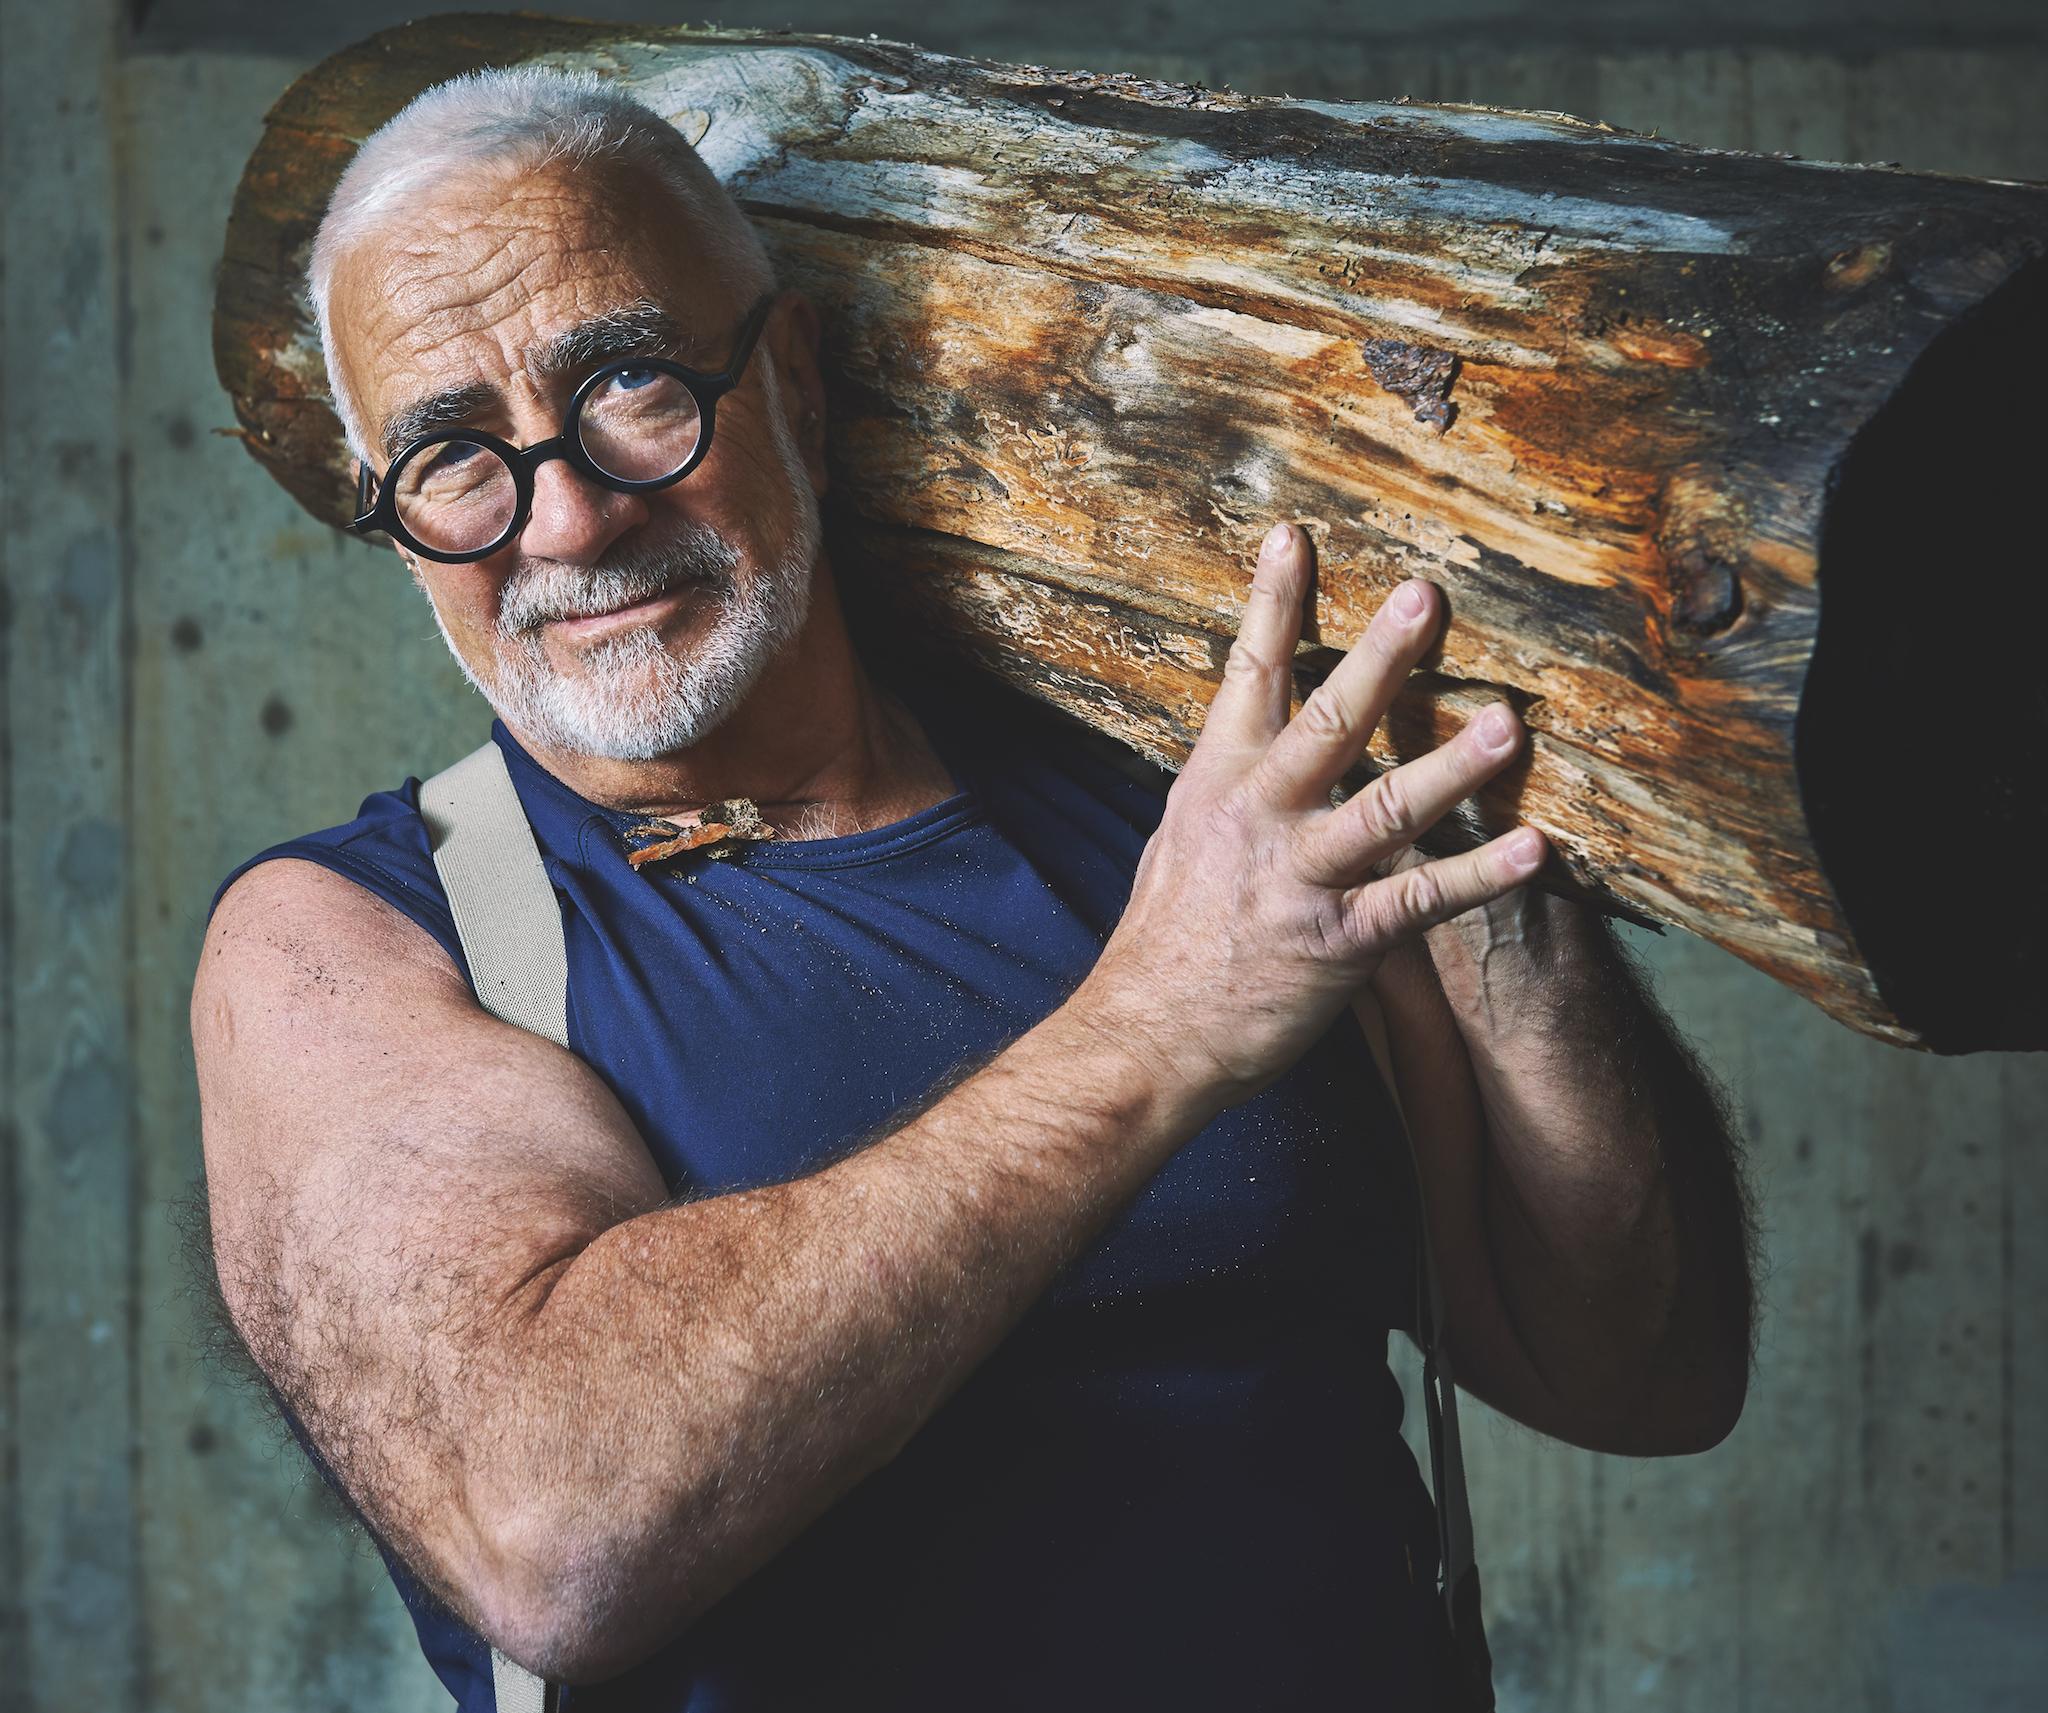 Werner Kieser (grauer Bart mit grauer Millimetterschnitt-Frisur und einer runden, schwarzen Brille hält ein dickes Stück eines Baumstamms auf seiner linker Schulter.